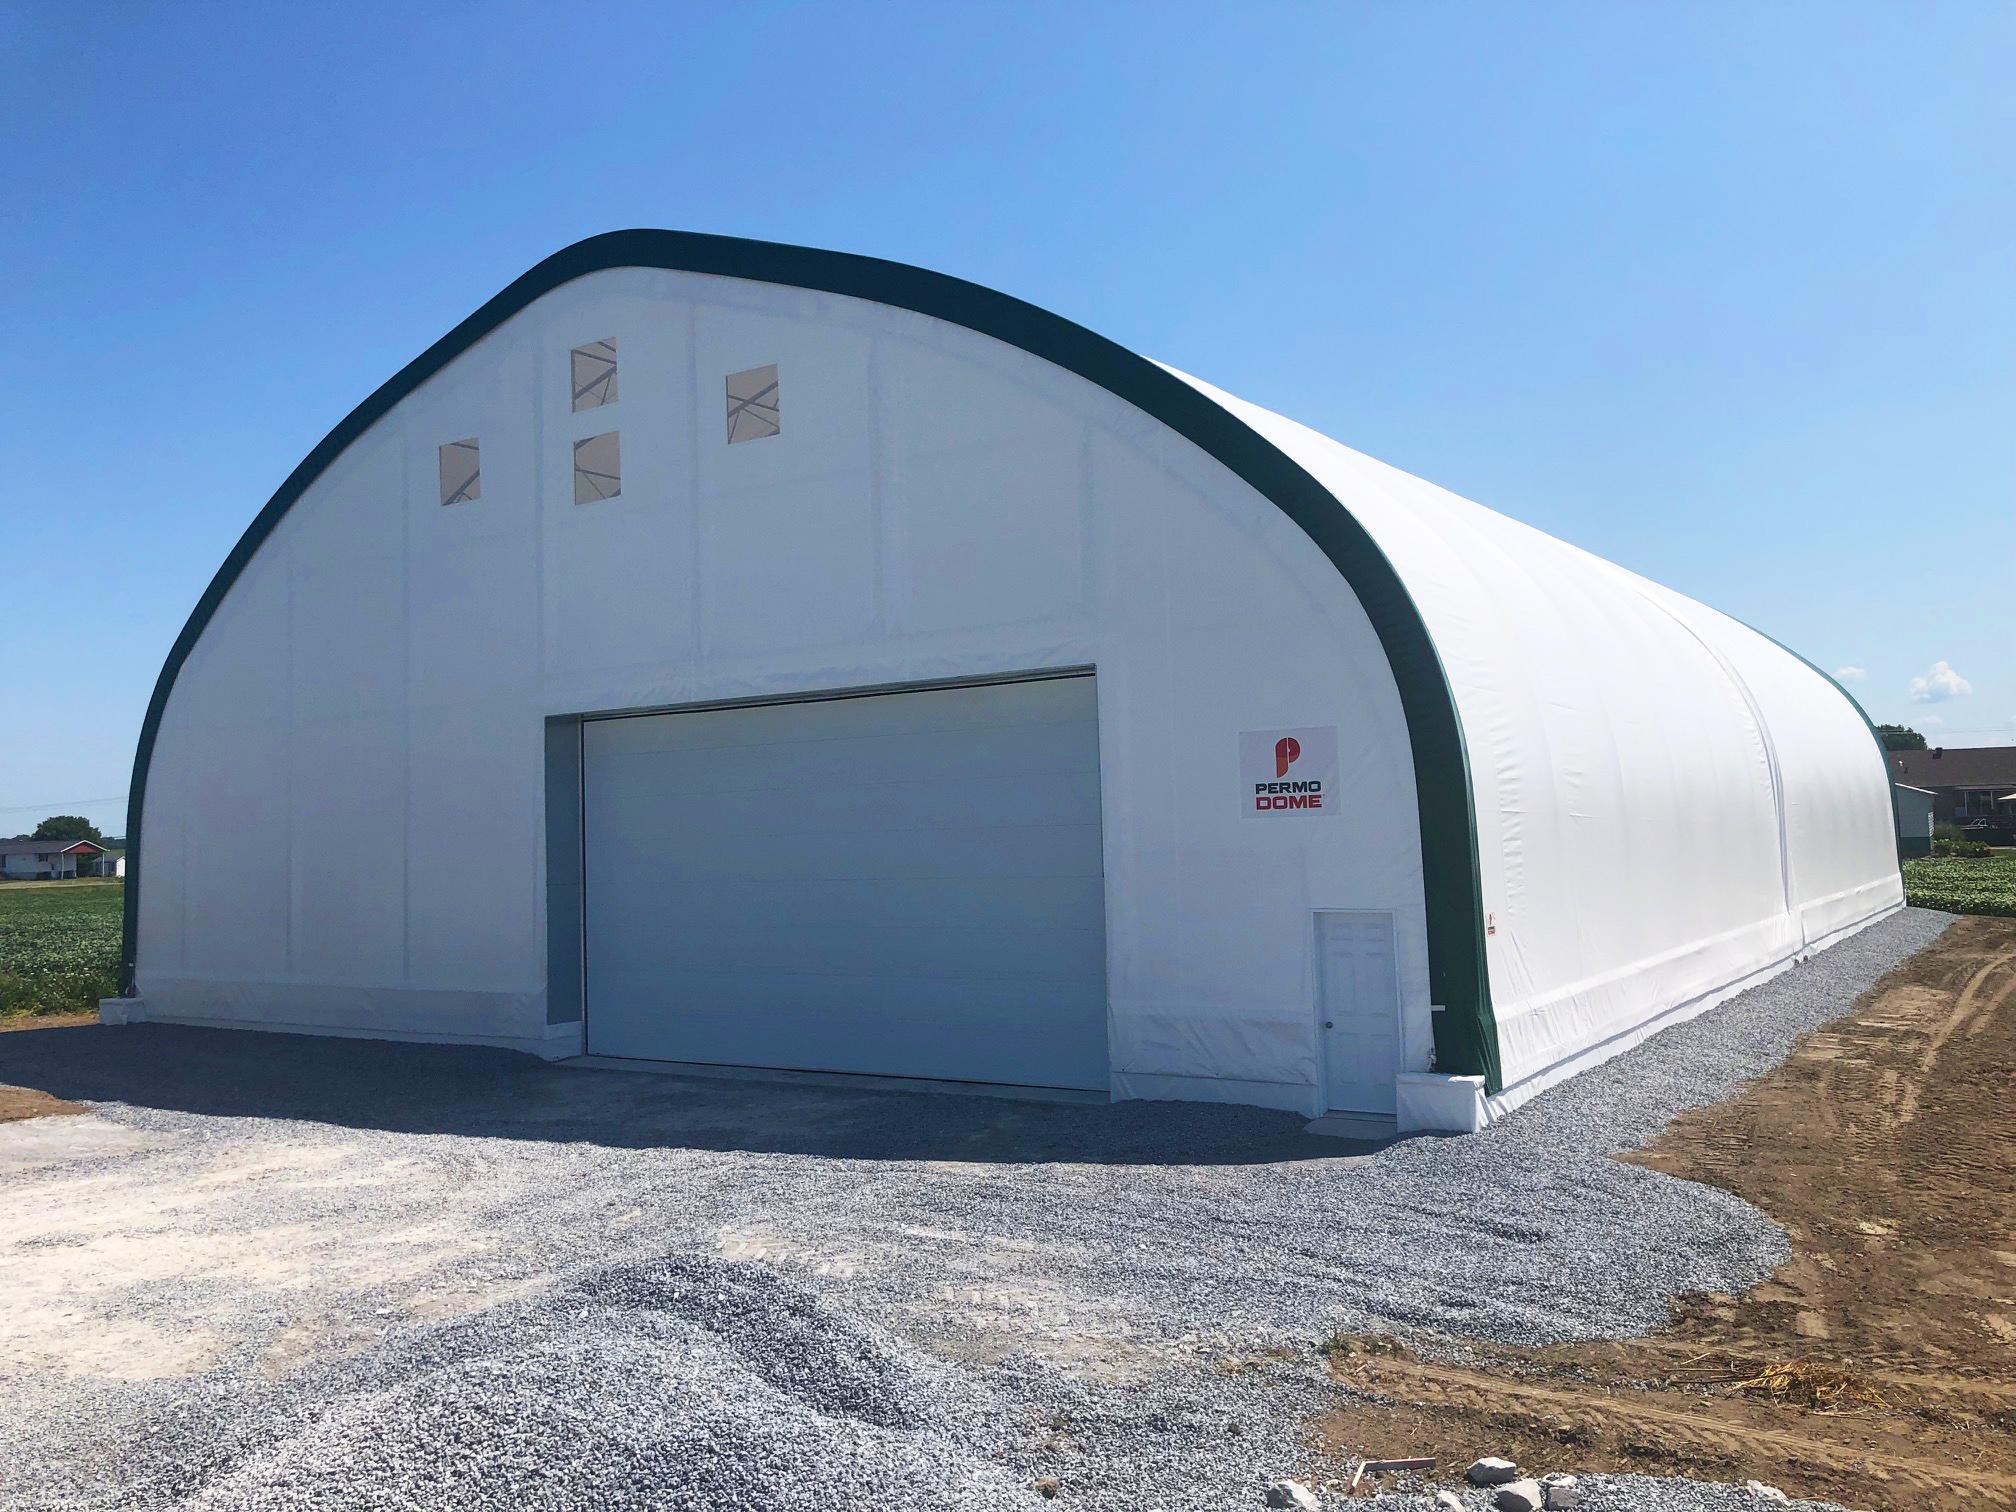 Permodome vert avec porte de garage